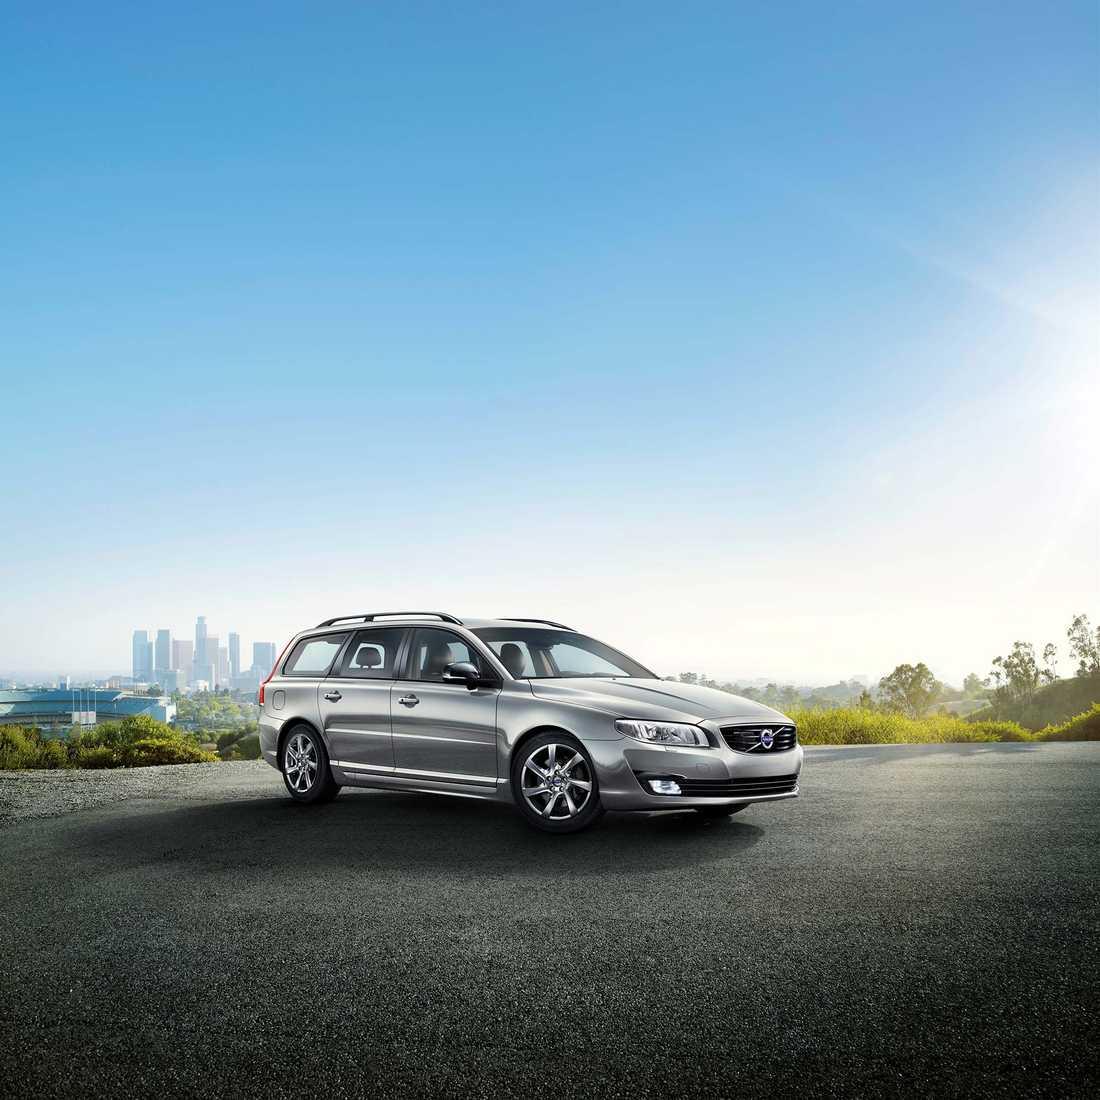 """Volkswagens konkurrerande bilhandlare i Sverige märker inte att intresset för diesel avtar – trots den tyska biljättens fusk. """"De senaste åren har vi sålt 90 procent dieselbilar. Volvo, med nya motorn med 180 hästkrafter kommer fortsätta att sälja även efter det som hänt med Volkswagen, säger Glenn Engelbrektsson, försäljningschef på Stendahls Bil""""."""